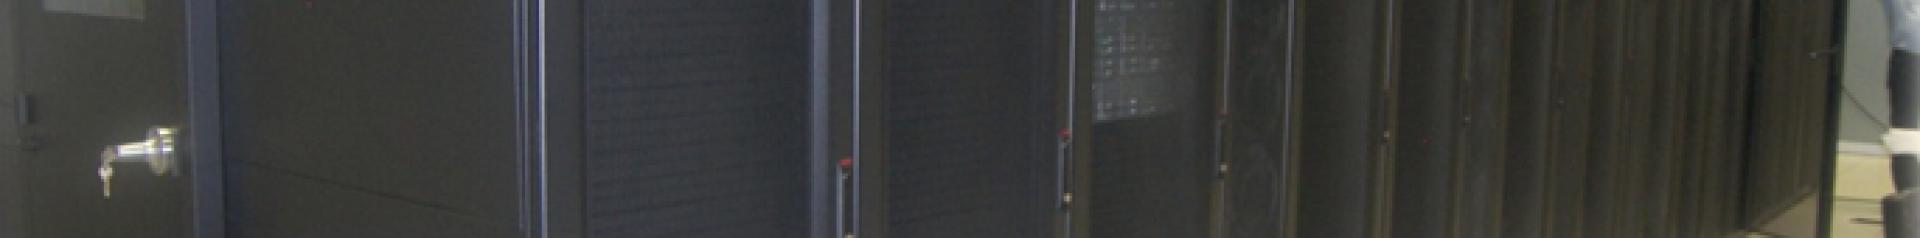 Imagen de modernización de los servidores de red del Gobierno de Aragón